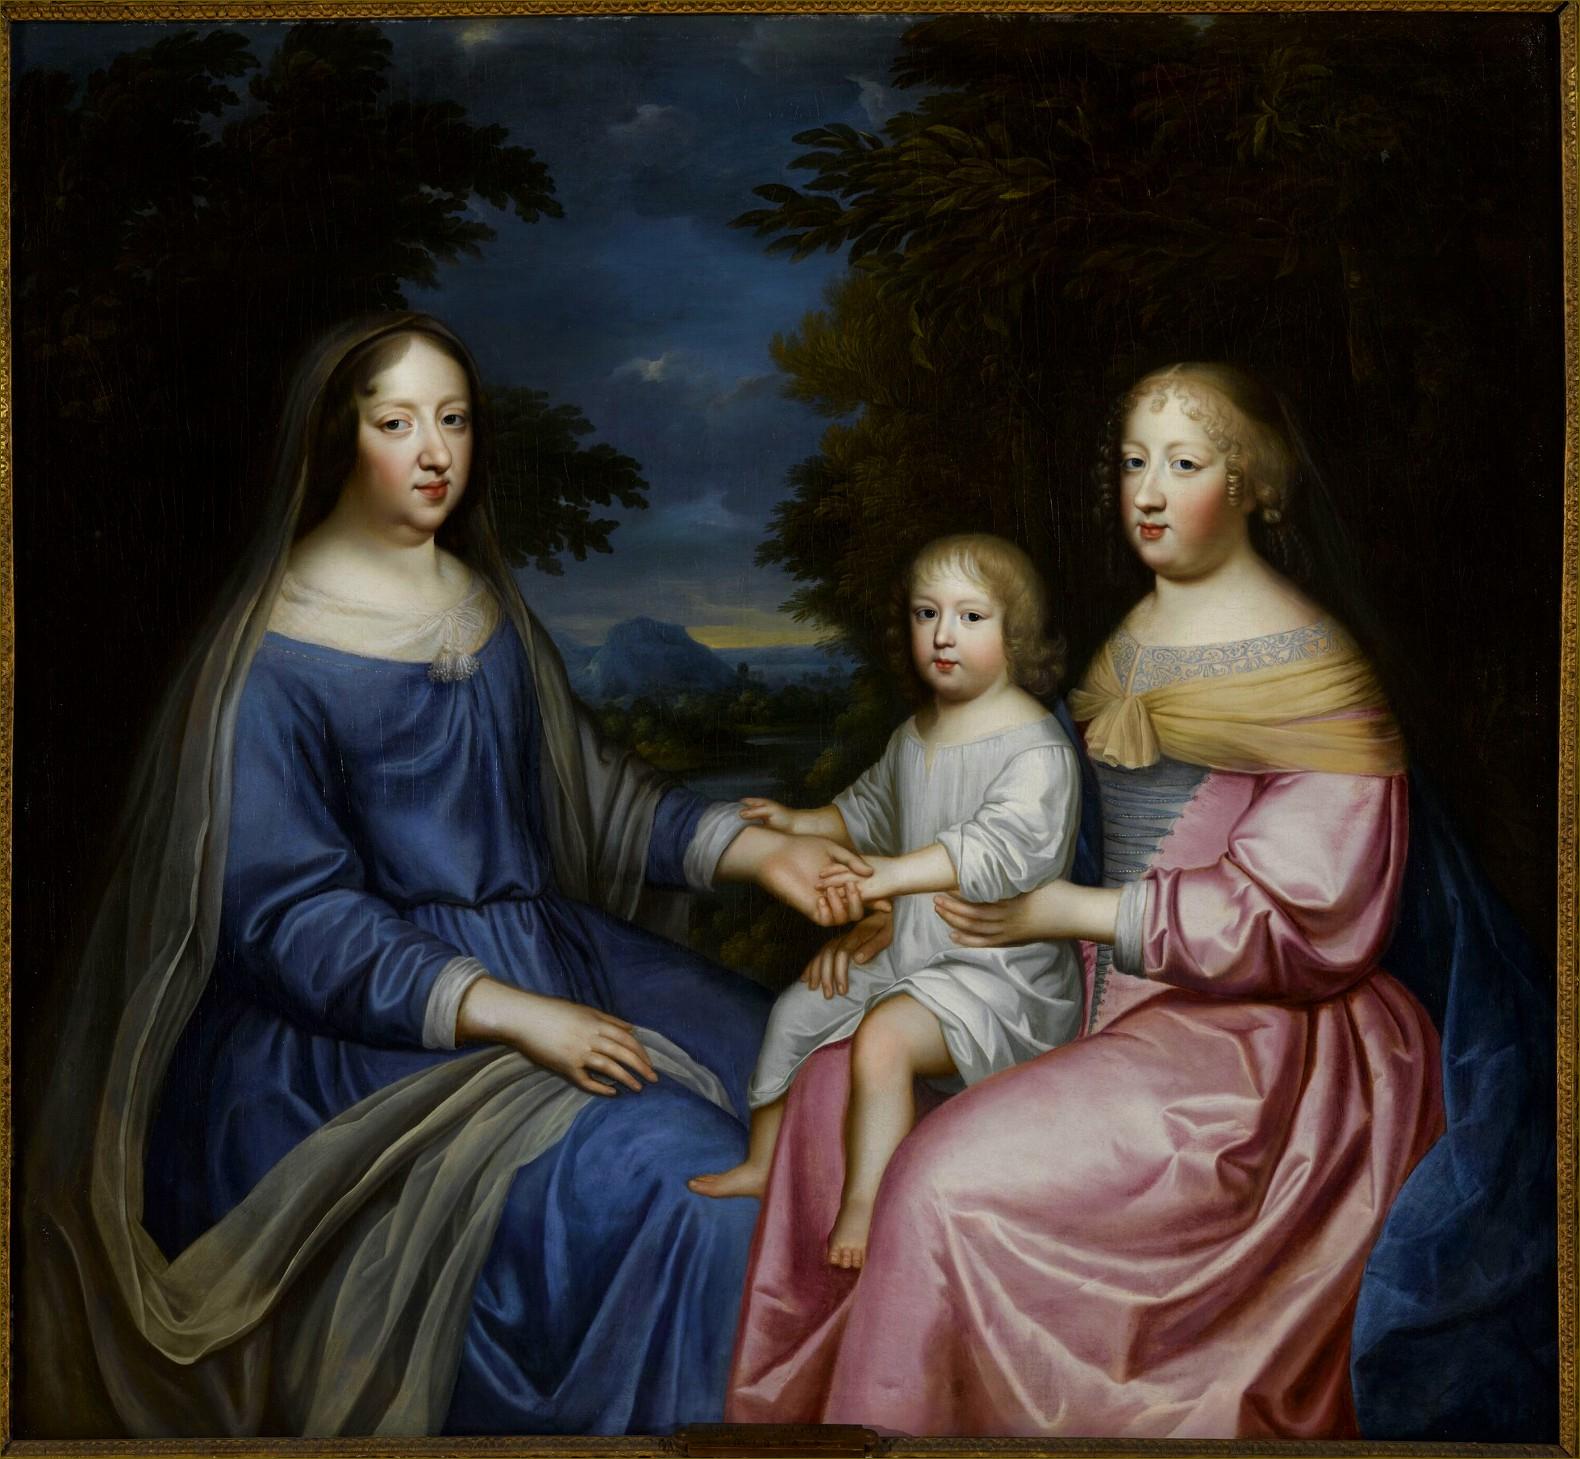 Marie-Thérèse d'Autriche, reine de France, avec sa tante et belle-mère Anne d'Autriche, et son fils le Grand Dauphin, par Beaubrun